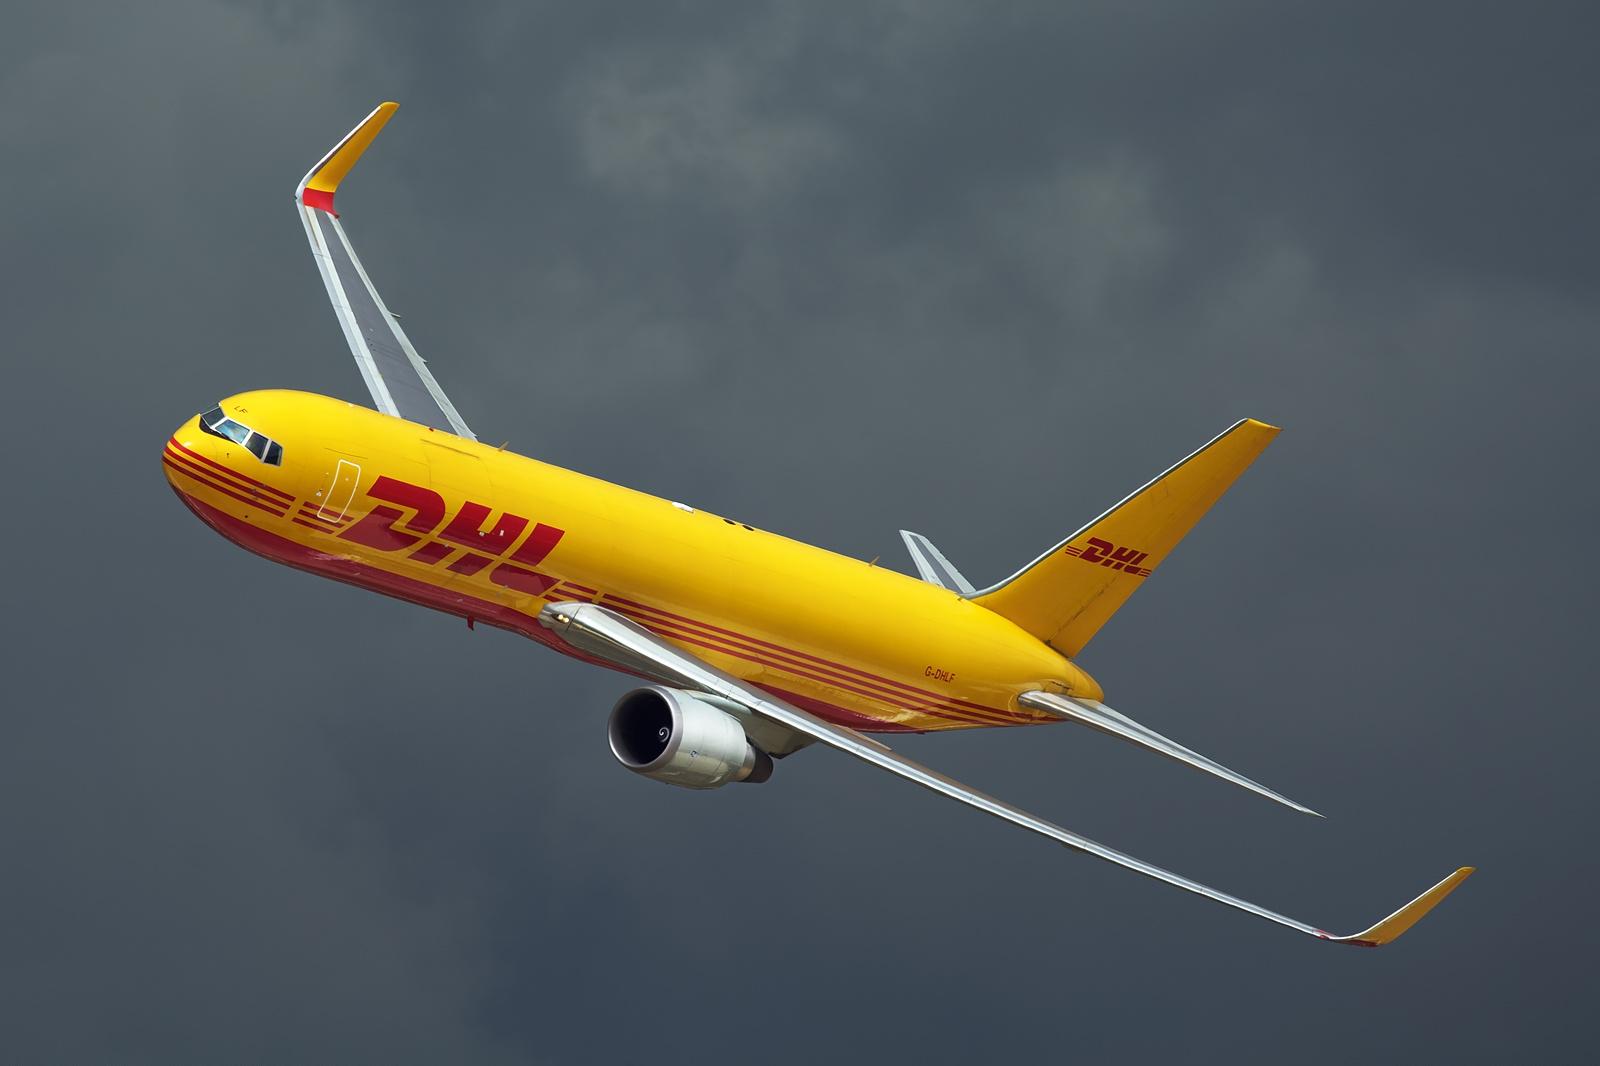 DHL国际快递 肯尼亚进口政策 坦桑尼亚进口政策 出口到肯尼亚 出口到坦桑尼亚 国际快递 鹿跃国际快递 双清包税专线